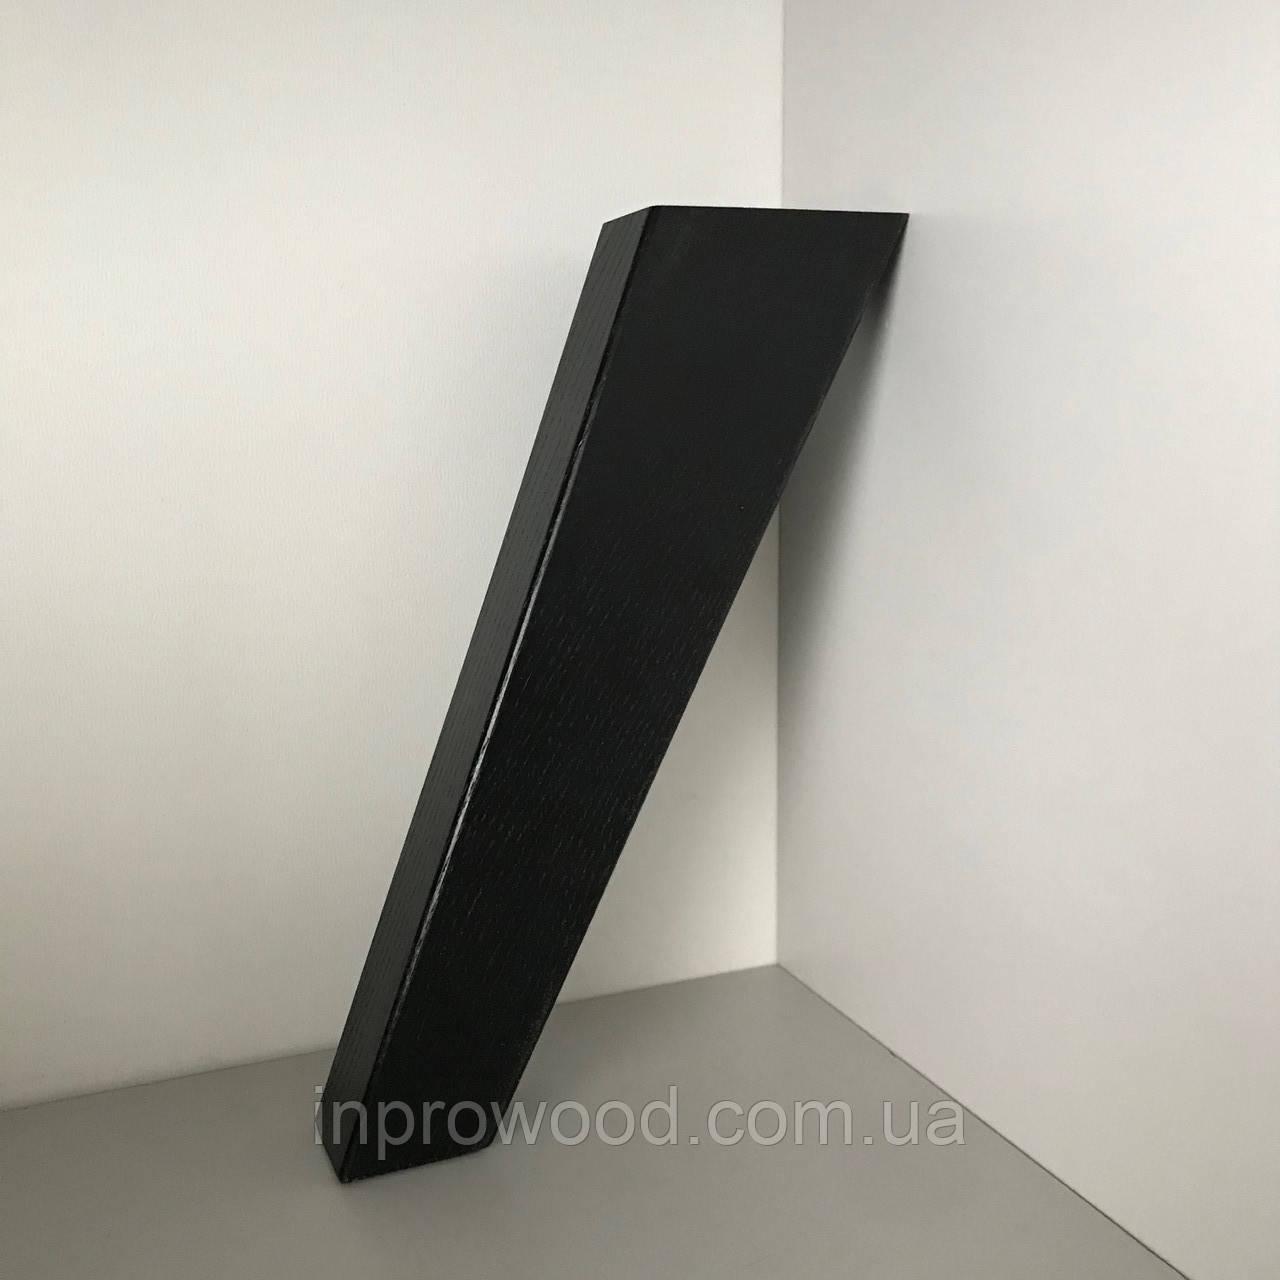 Деревяннае мебельная ножка, мебельная опора Ясень 200 мм скошенная